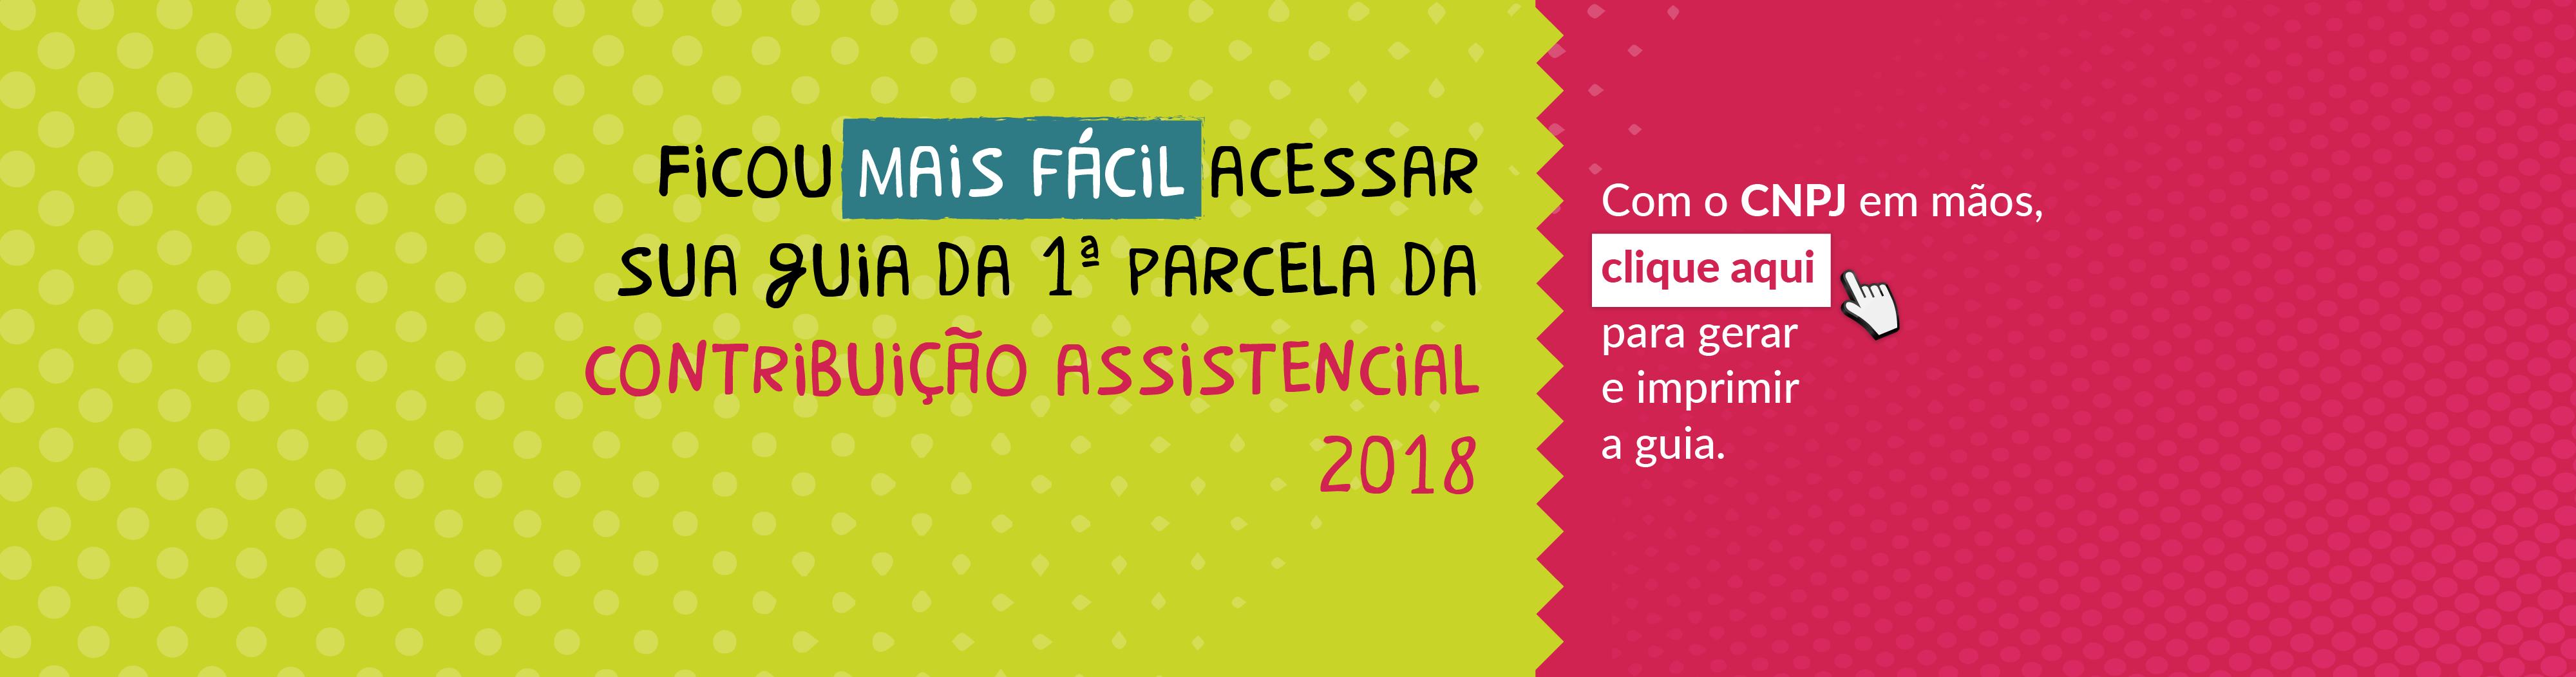 Acessar guia da primeira parcela da contribuição assistencial 2018